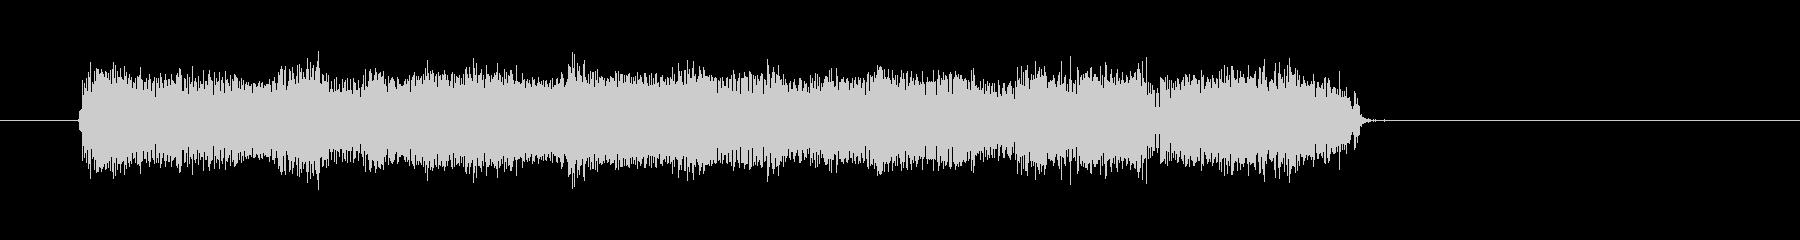 ウキウキするカントリー音楽スタート  の未再生の波形